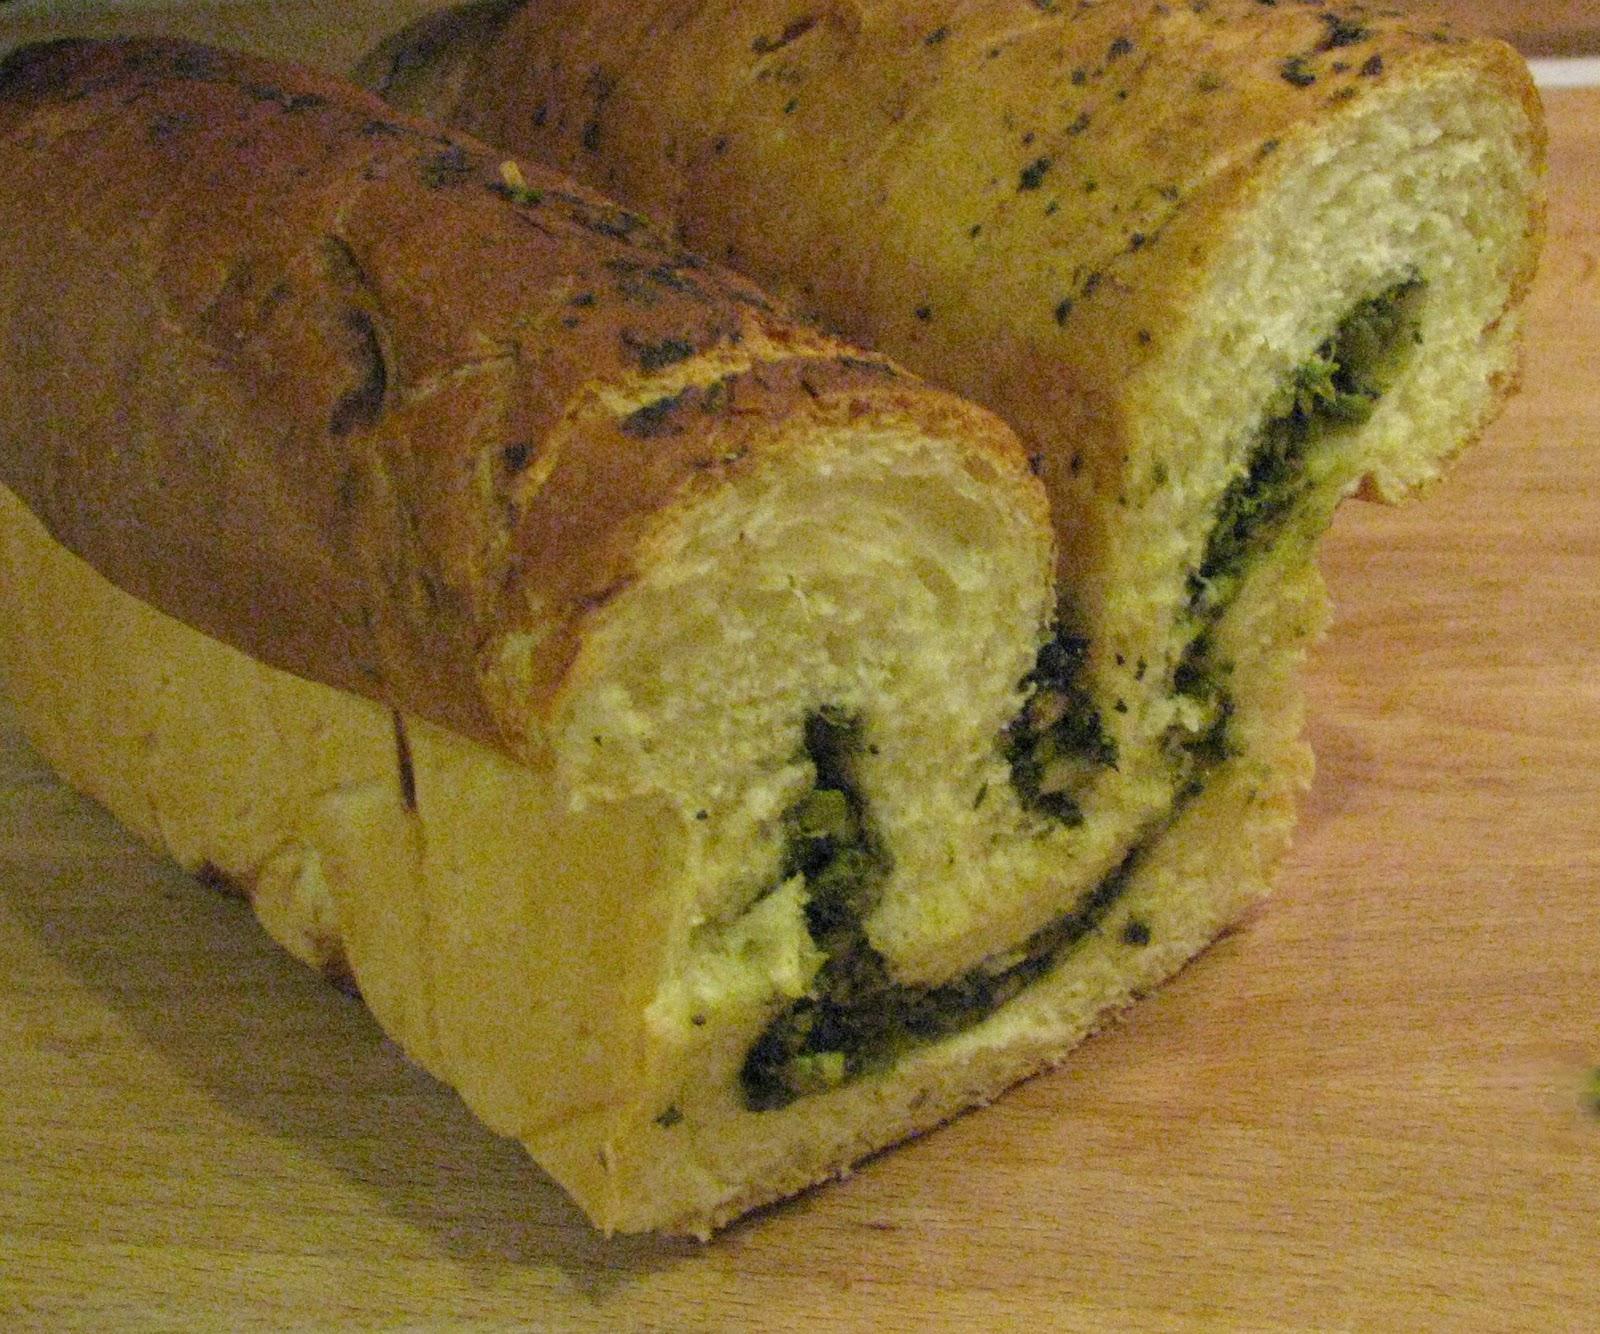 Çikolatalı Ekmek (Pane al Cioccolato)